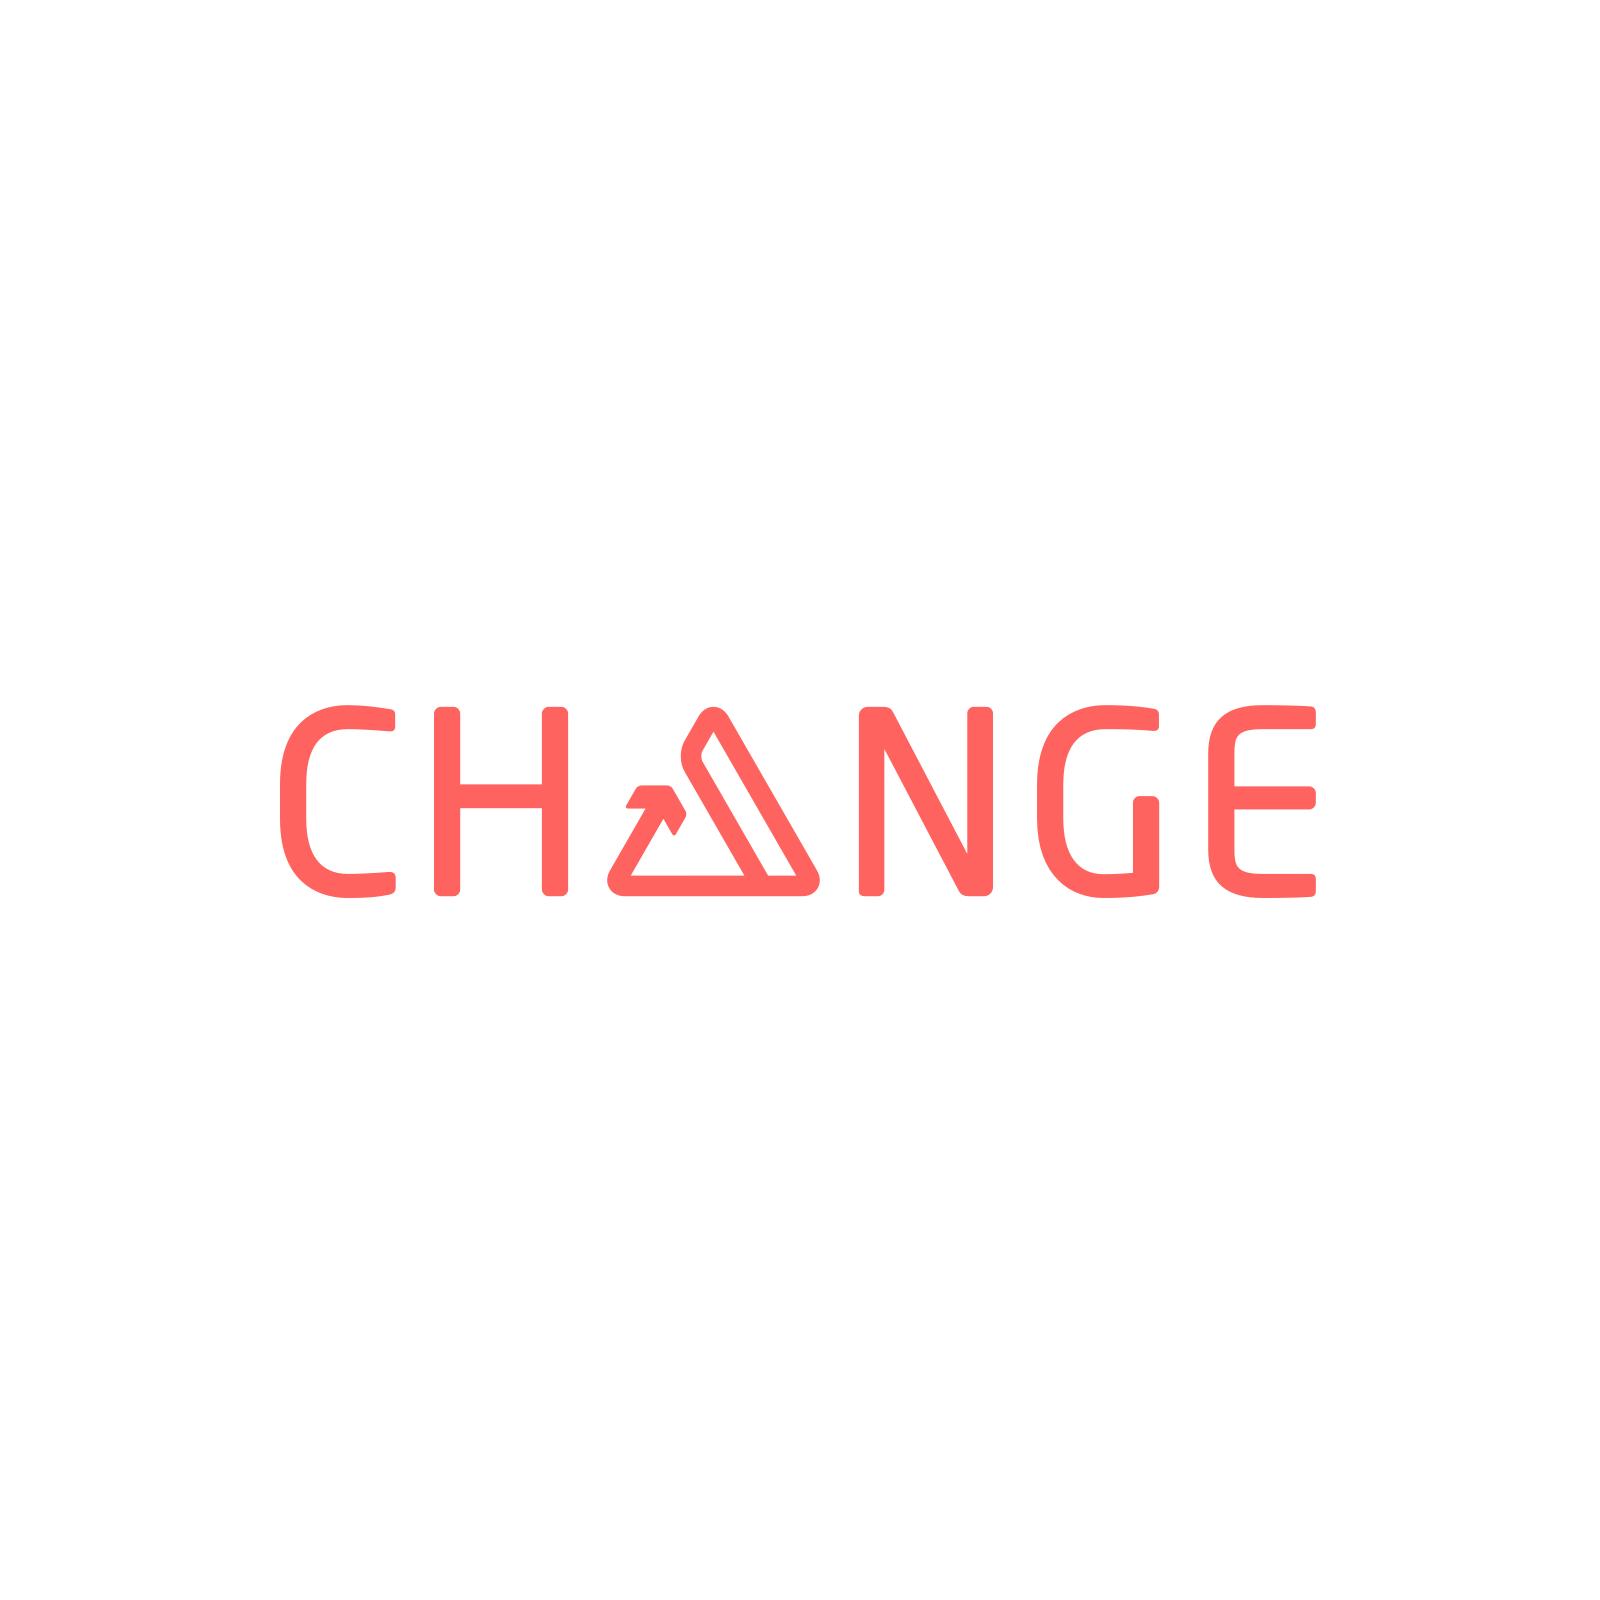 logo1 copy 13@2x.jpg